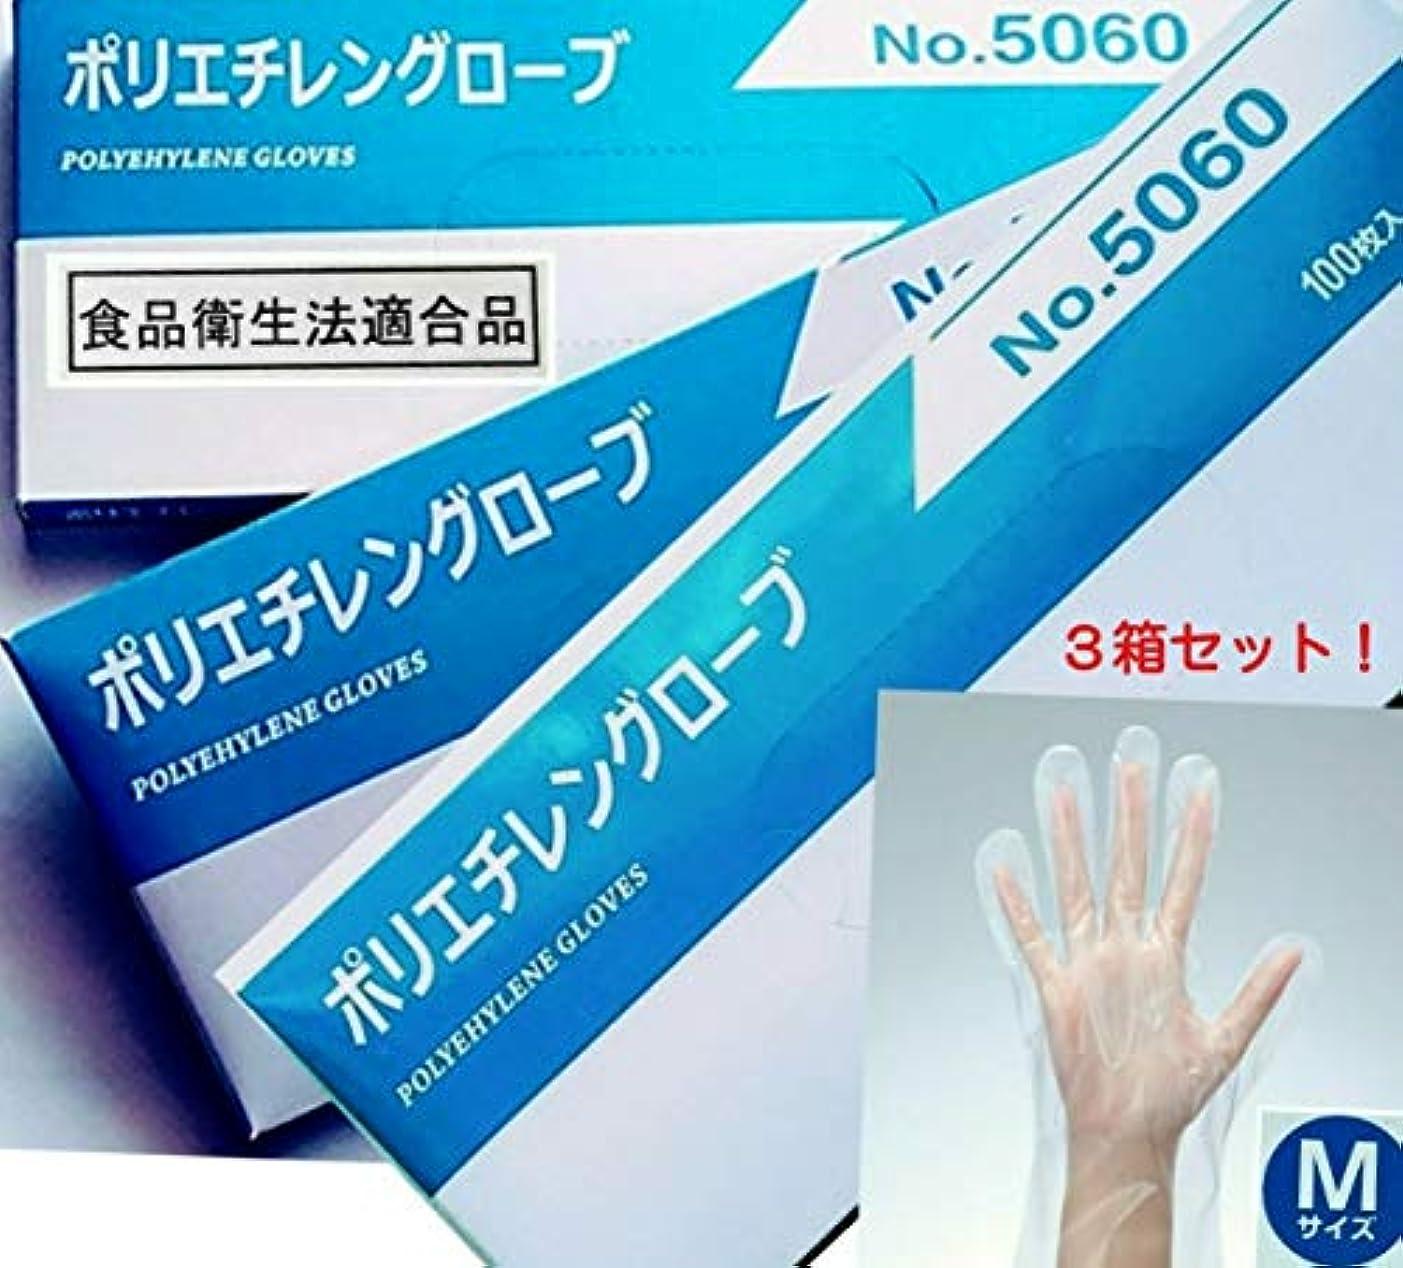 バースト敬構造的【まとめ買い】ポリエチレングローブ(使い捨て手袋 Mサイズ) 100枚入?食品衛生法適合品 3箱セット